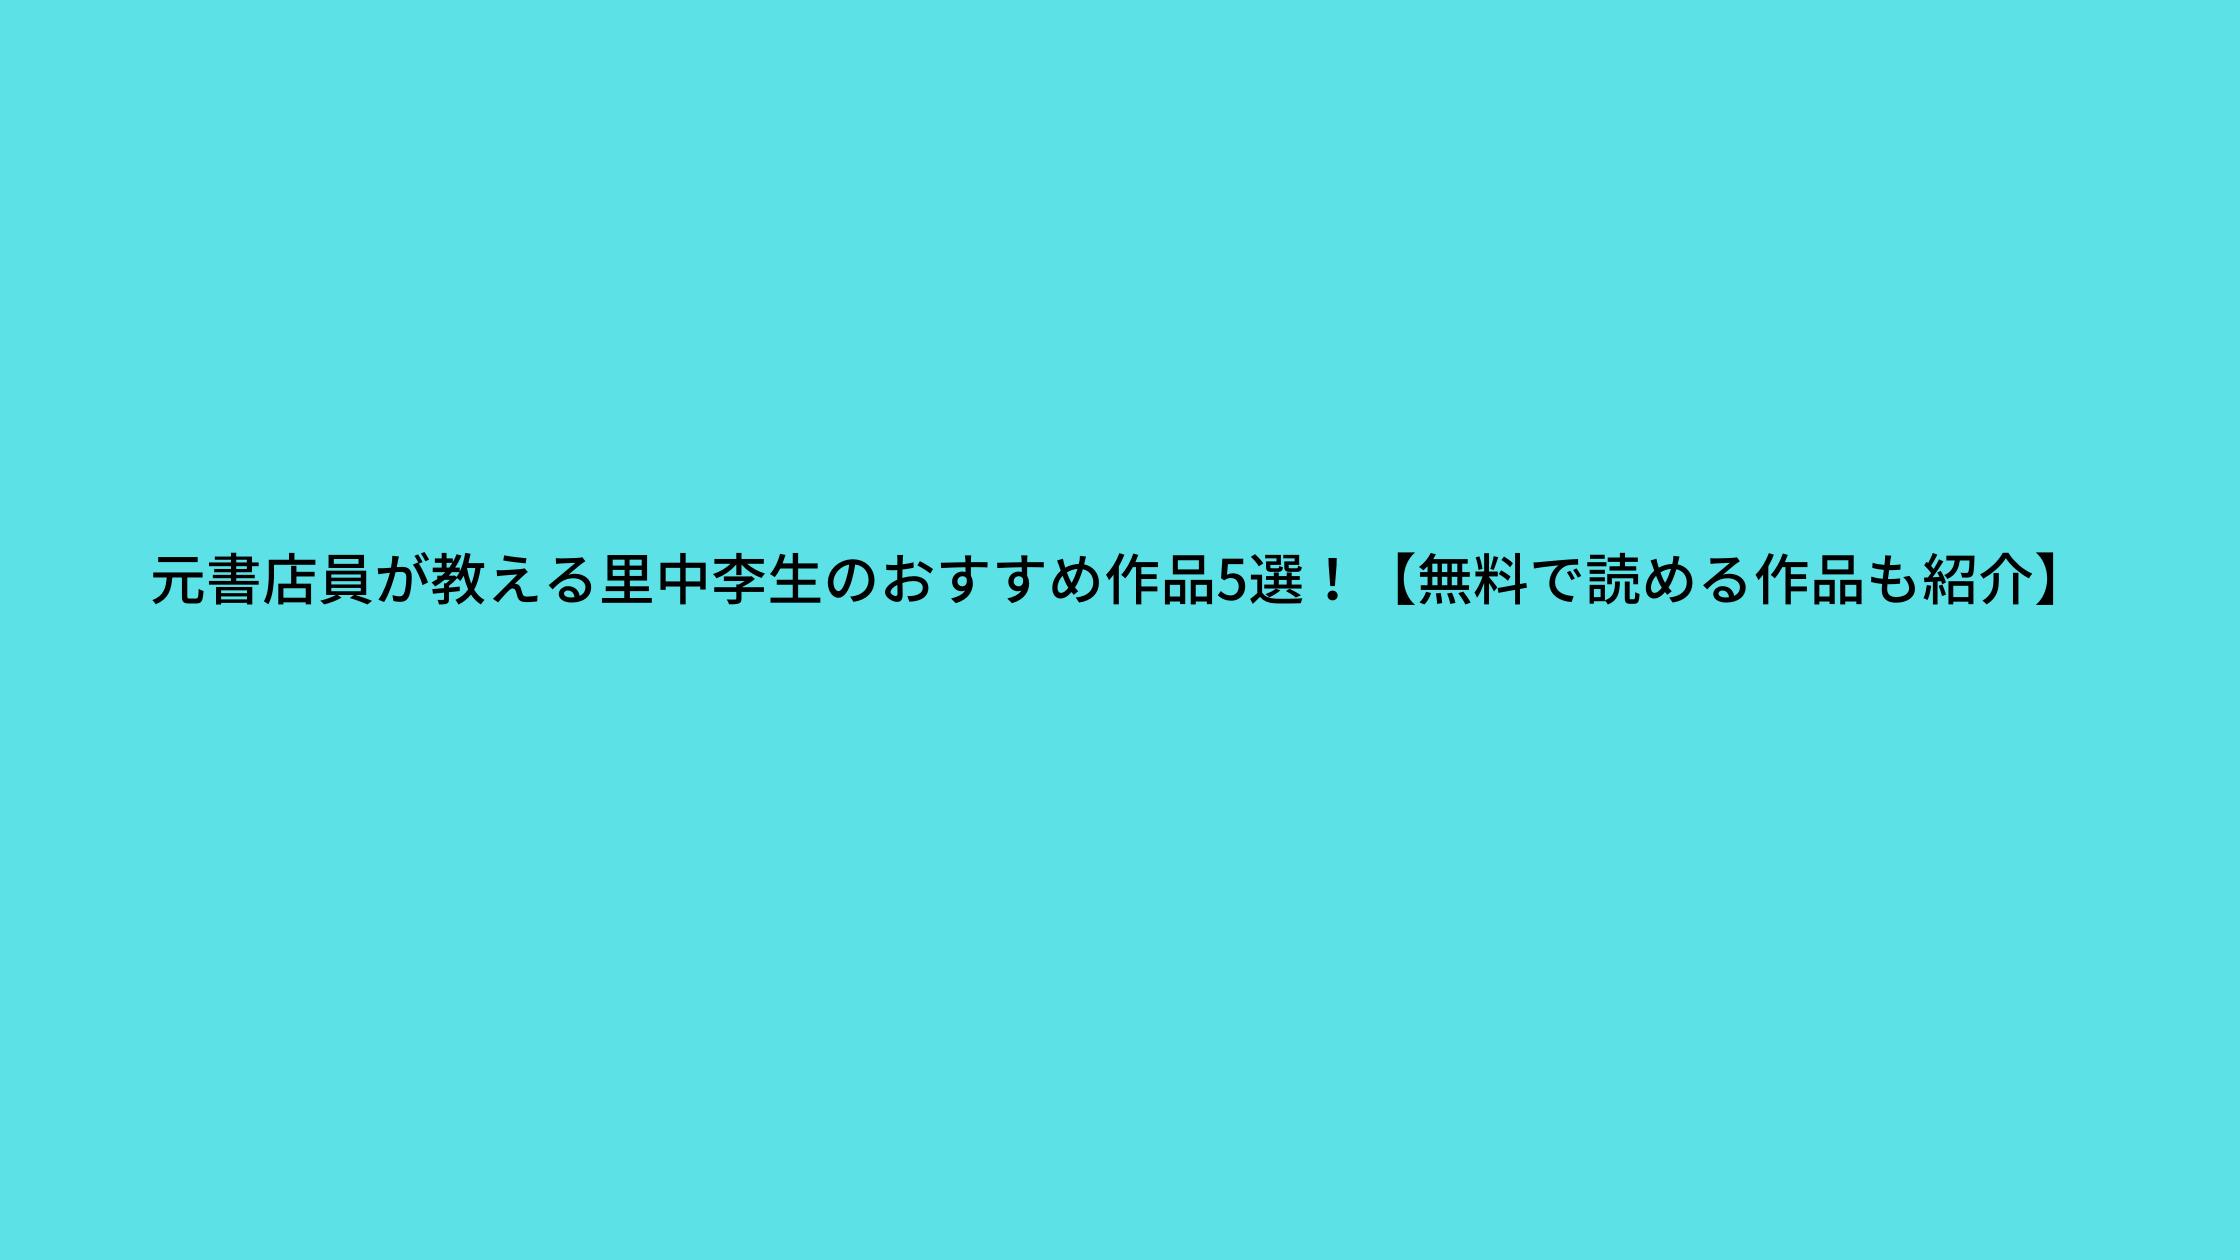 元書店員が教える里中李生のおすすめ作品5選!【無料で読める作品も紹介】